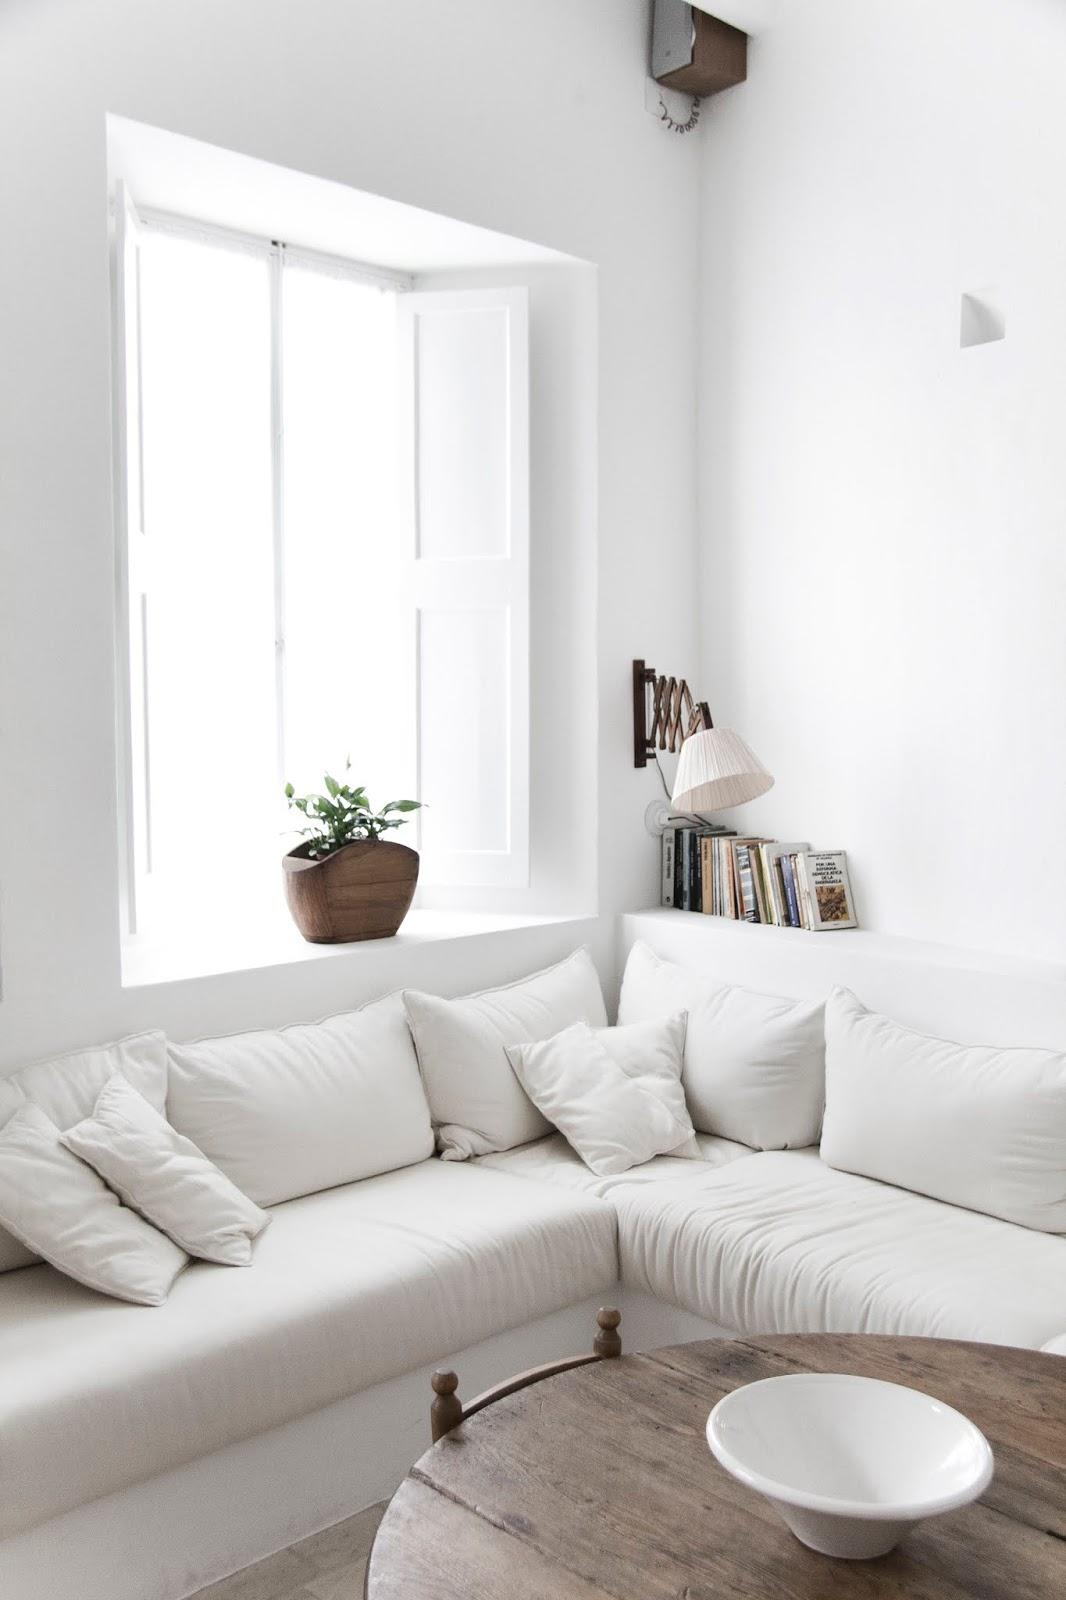 Elementos blancos y naturales para el salón